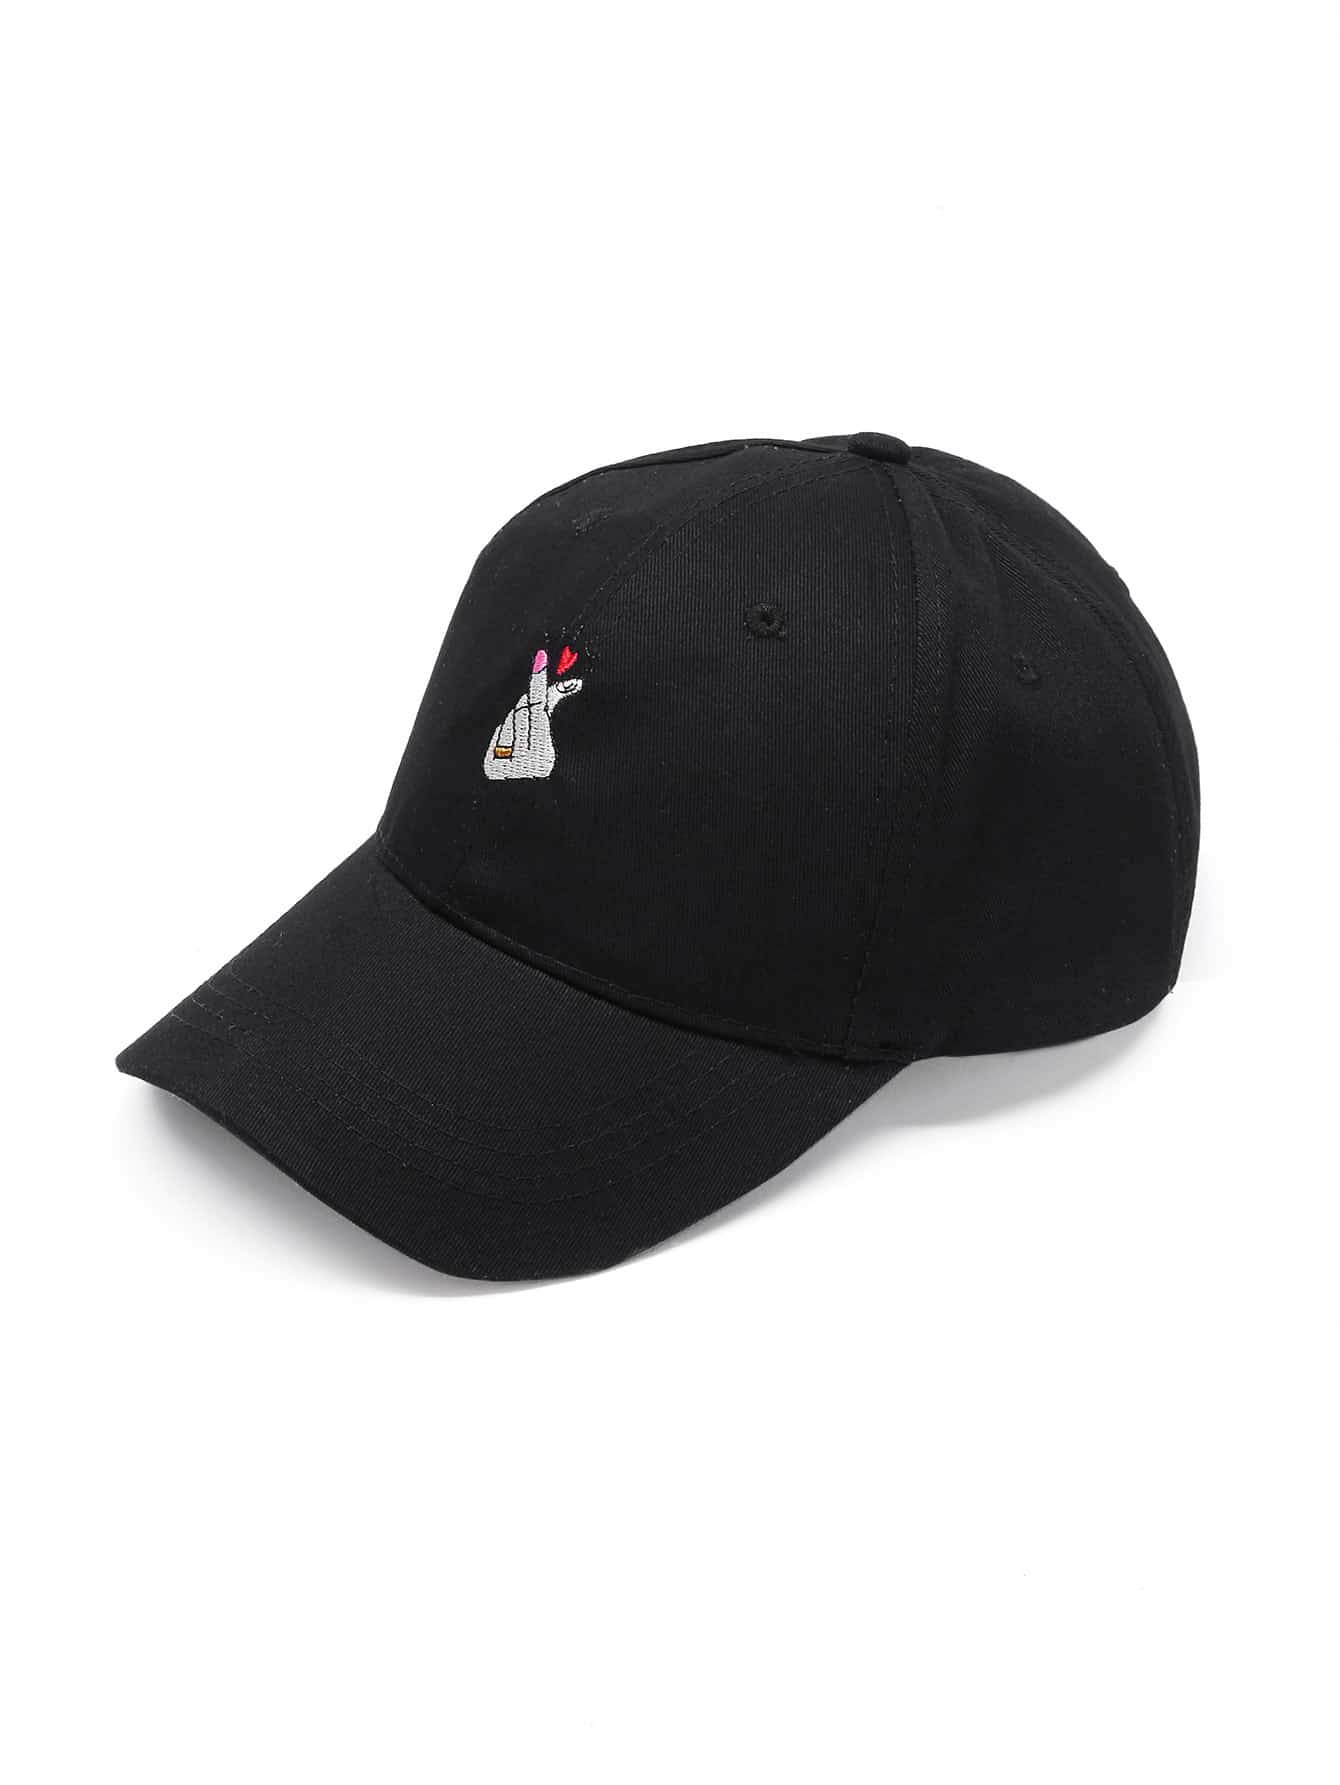 Heart Embroidery Baseball Cap